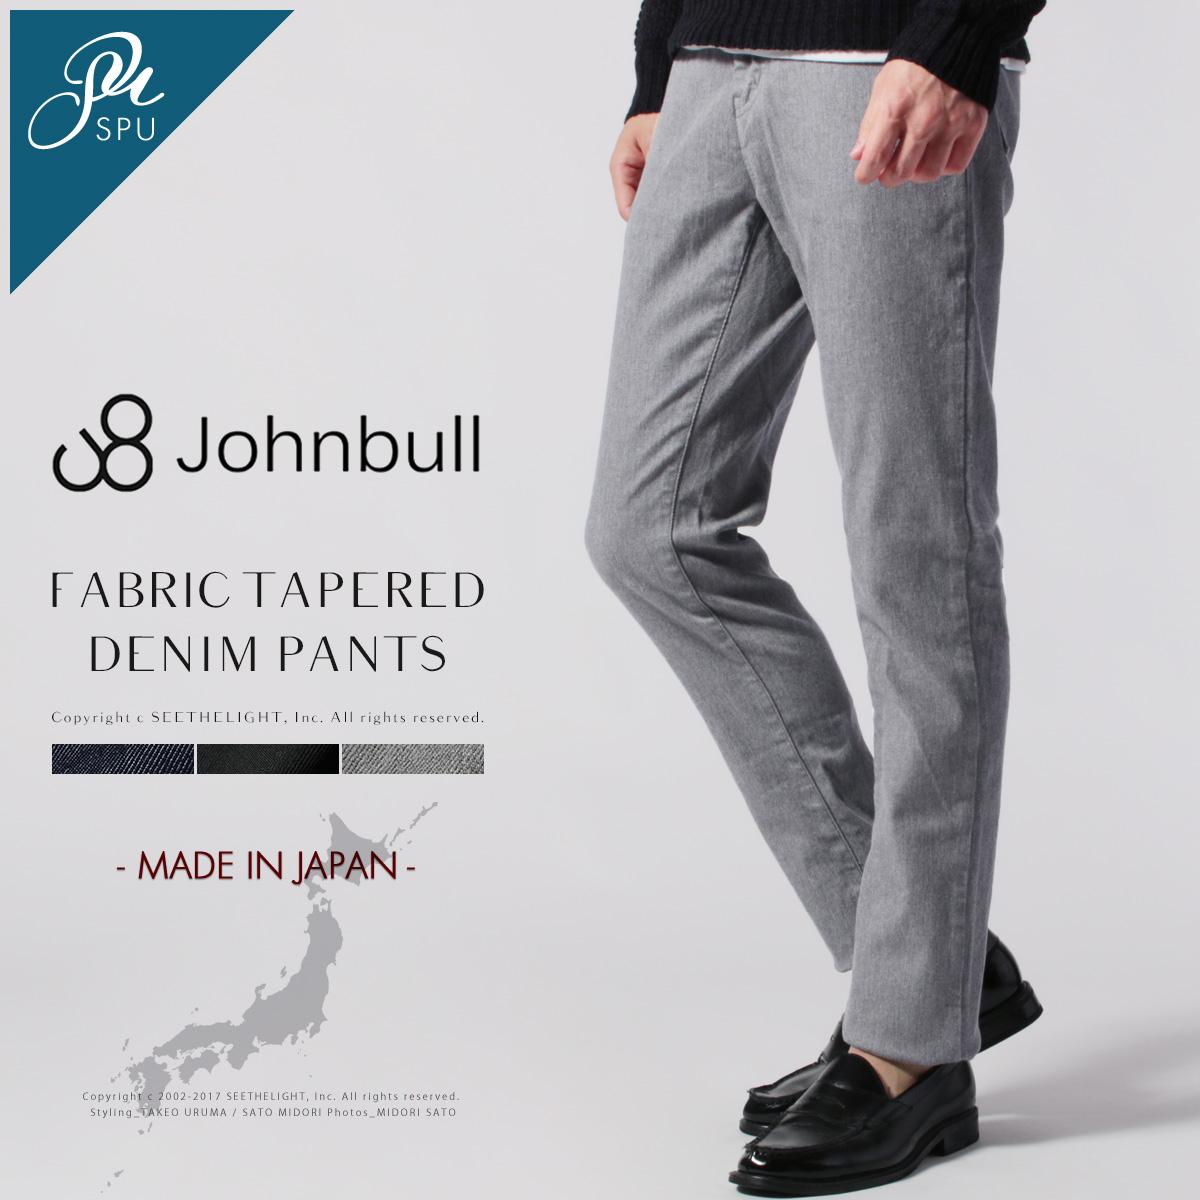 デニムパンツ メンズ 二重織り デニム ファブリック テーパード 5ポケット パンツ Johnbull ジョンブル 21211